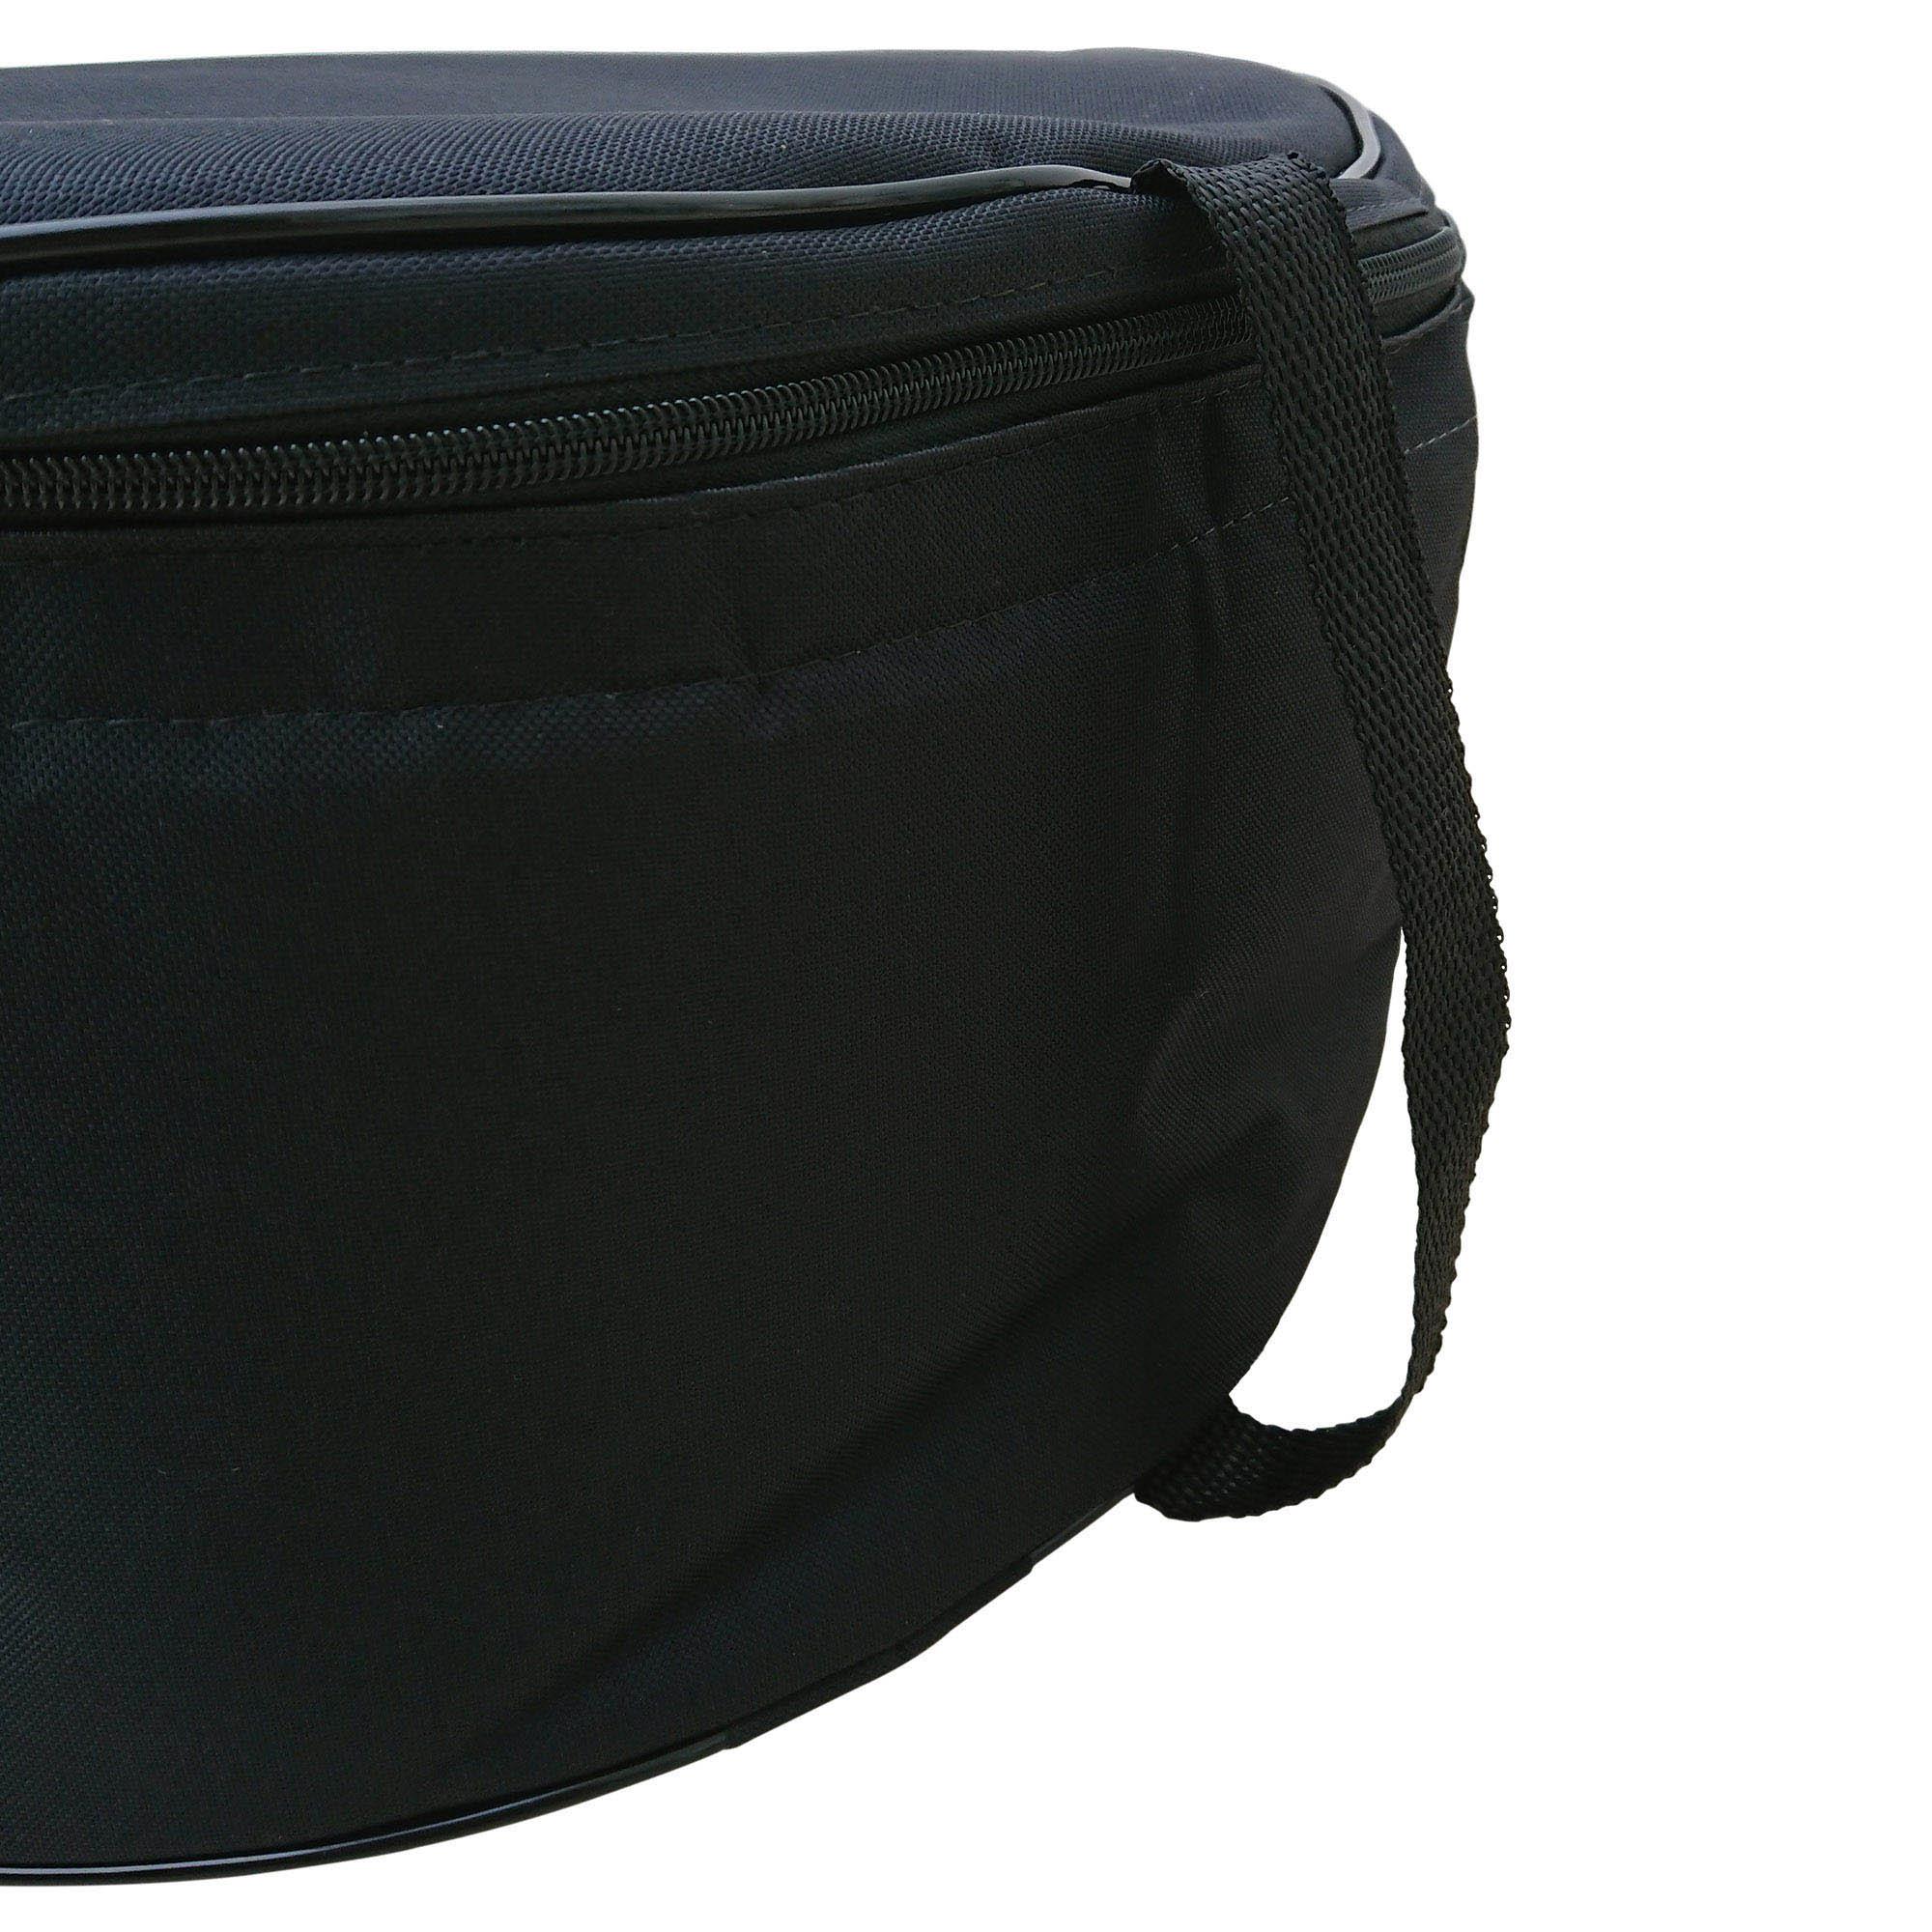 """Capa Bag Extra Luxo para Caixa De Bateria 13"""" x 12cm CLAVE & BAG. Totalmente acolchoado"""